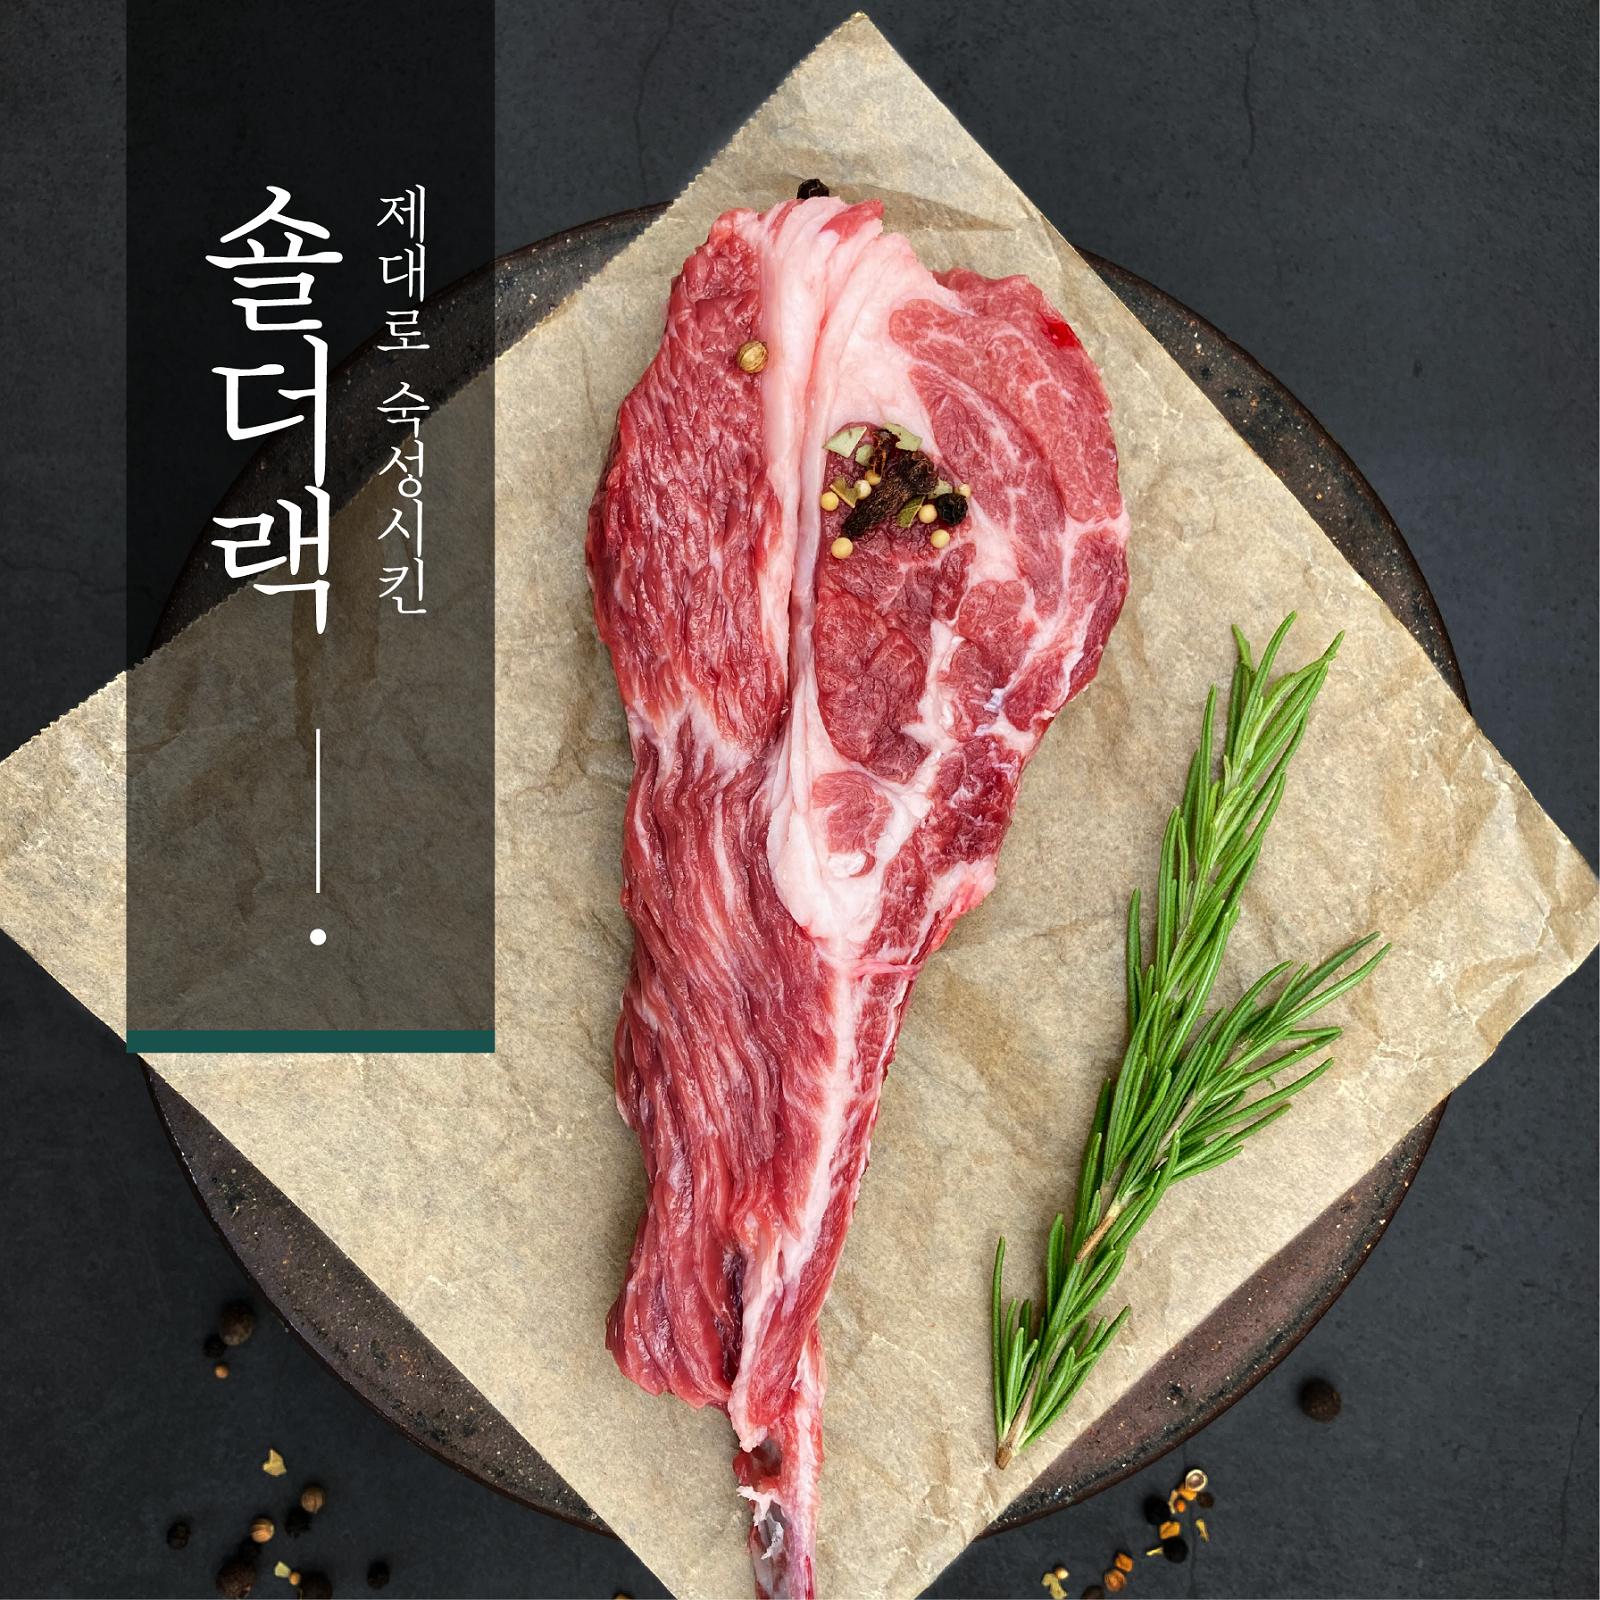 초이스엠코리아 텐더나인 호주 직수입 프리미엄 양고기 숄더랙 양갈비 500g+쯔란소스 증정